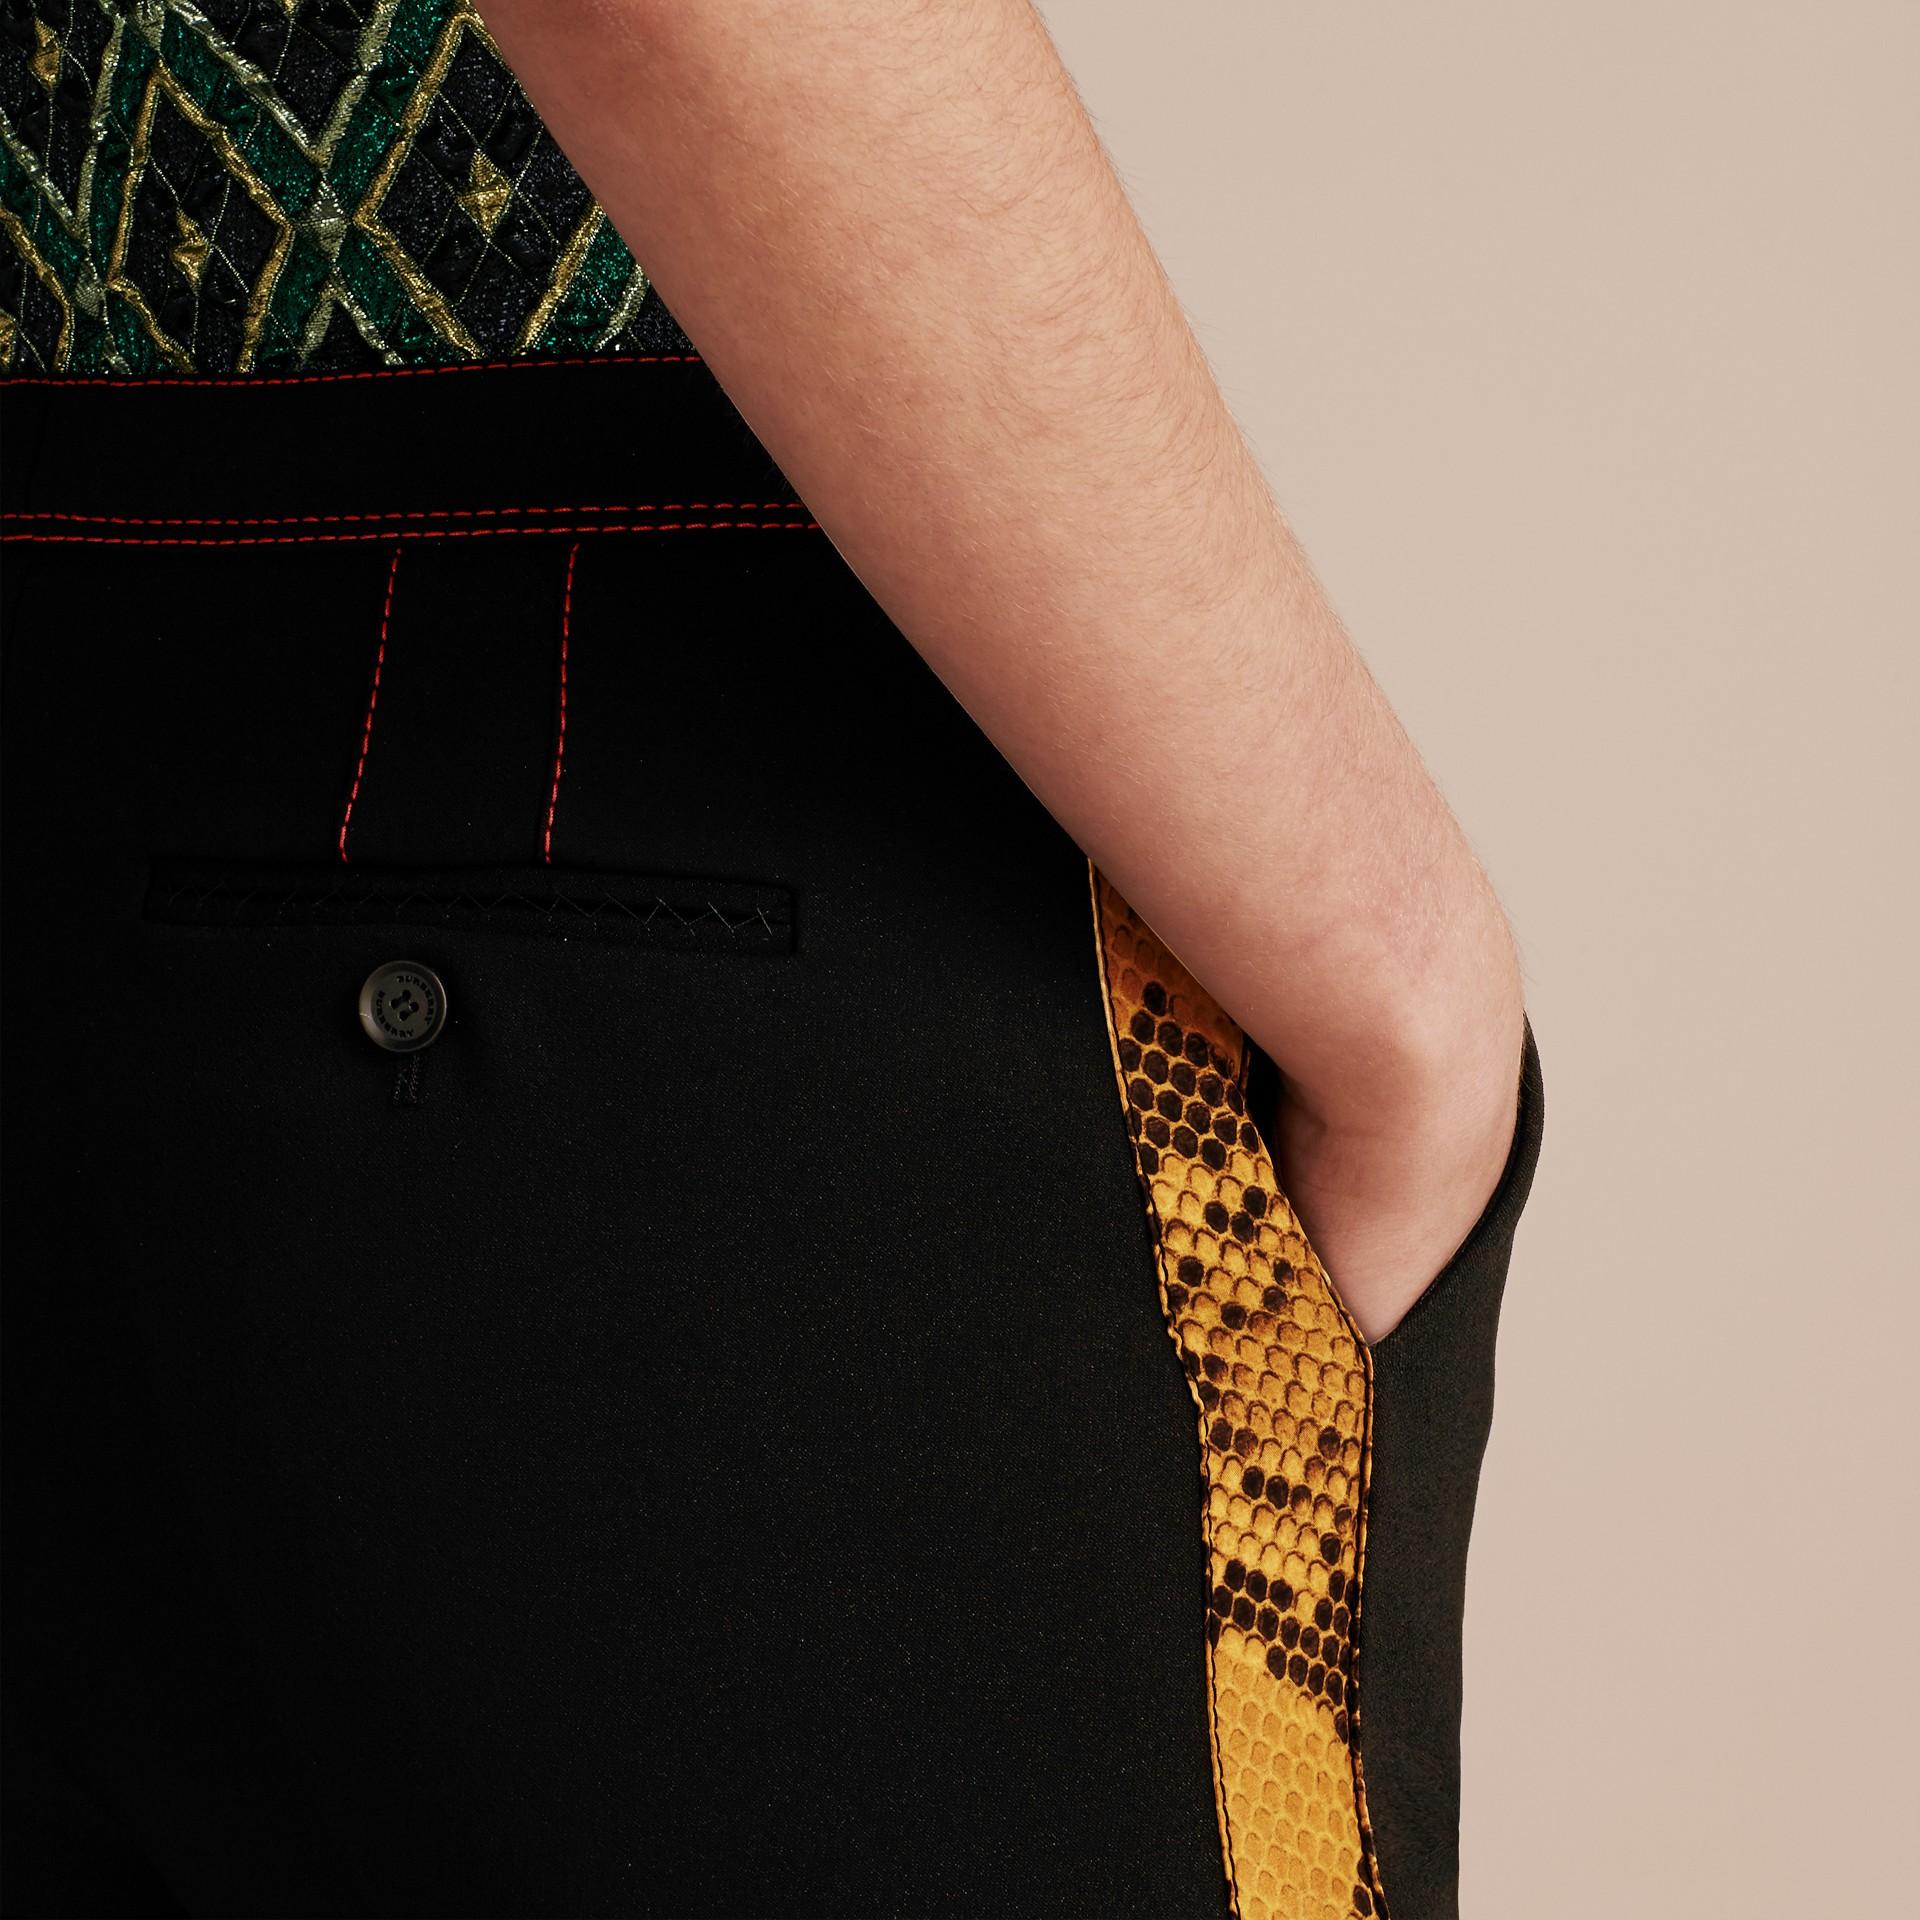 Schwarz Schmal geschnittene Hose mit kürzerer Beinlänge und Pythonmuster - Galerie-Bild 6